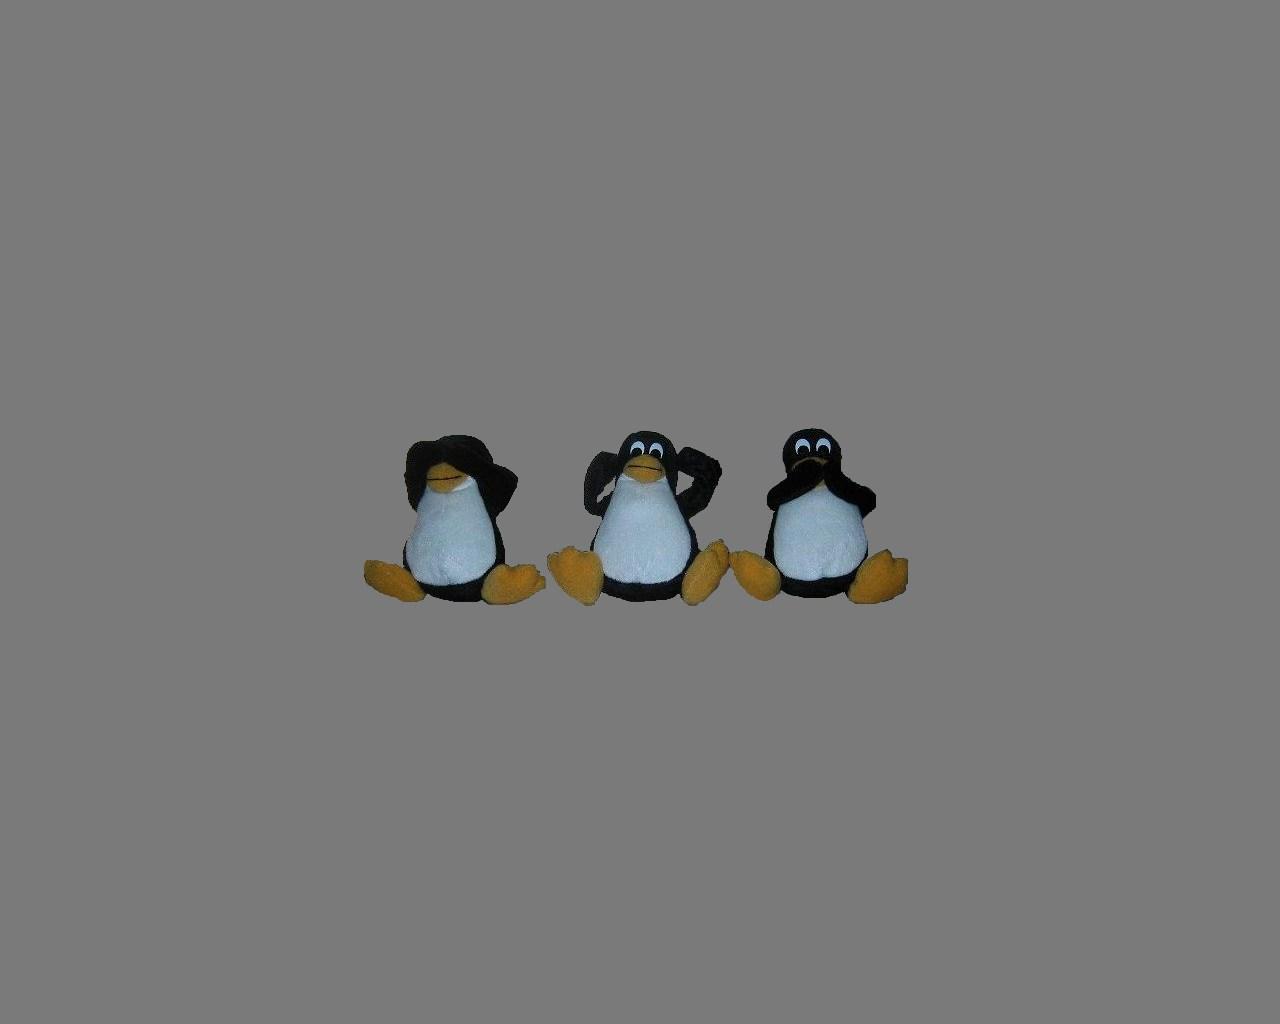 見ペンギン/聞ペンギン/言ペンギン。